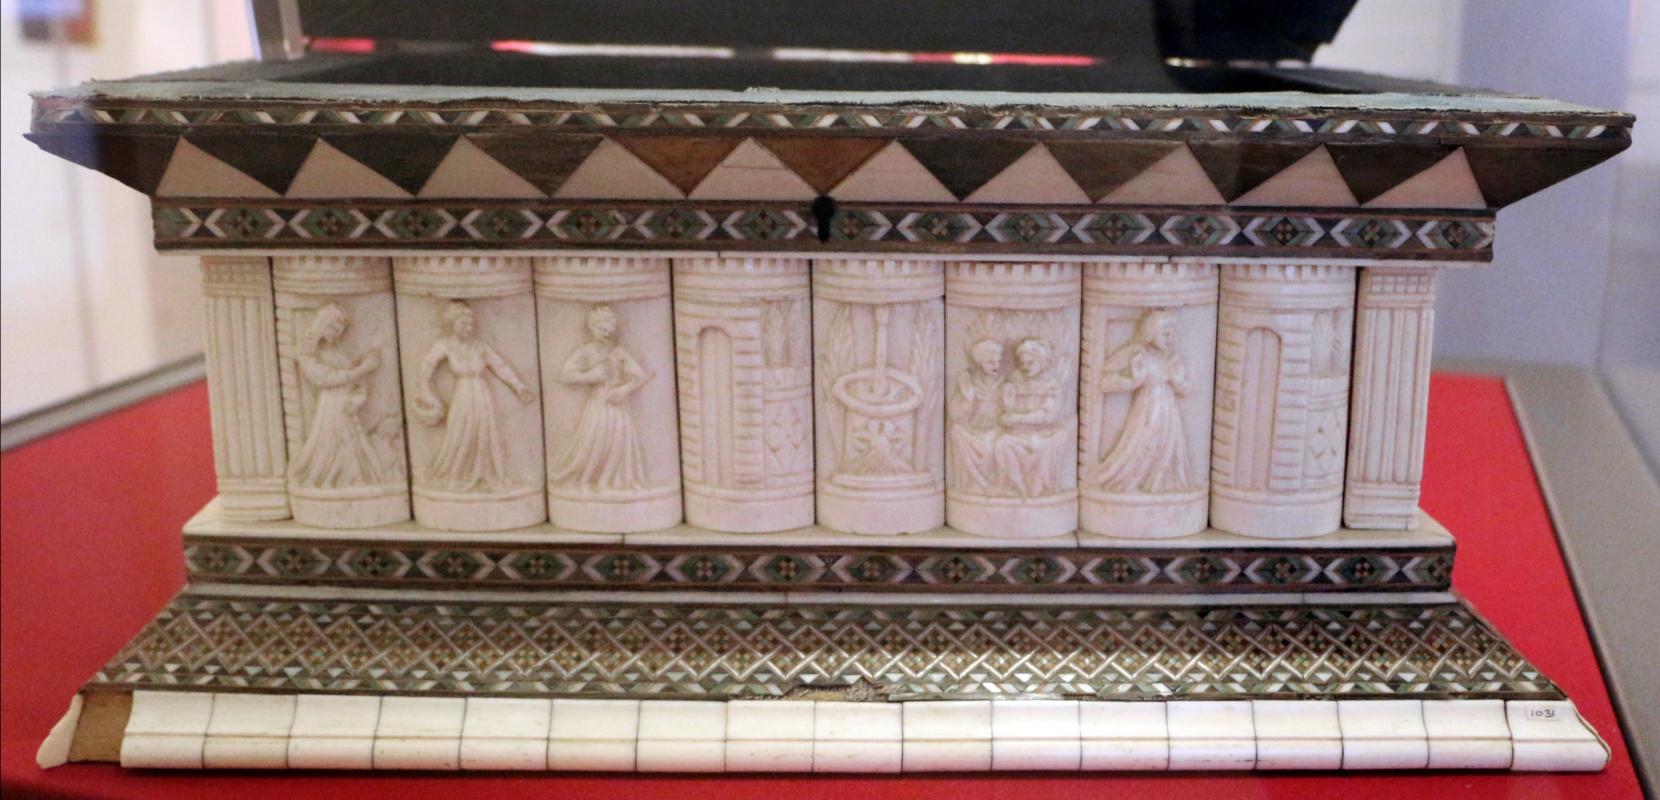 Bottega delle storie di susanna II, cofanetto con storie di susanna, italia del nord, 1450-1475 ca. 02 - Sailko - Ravenna (RA)